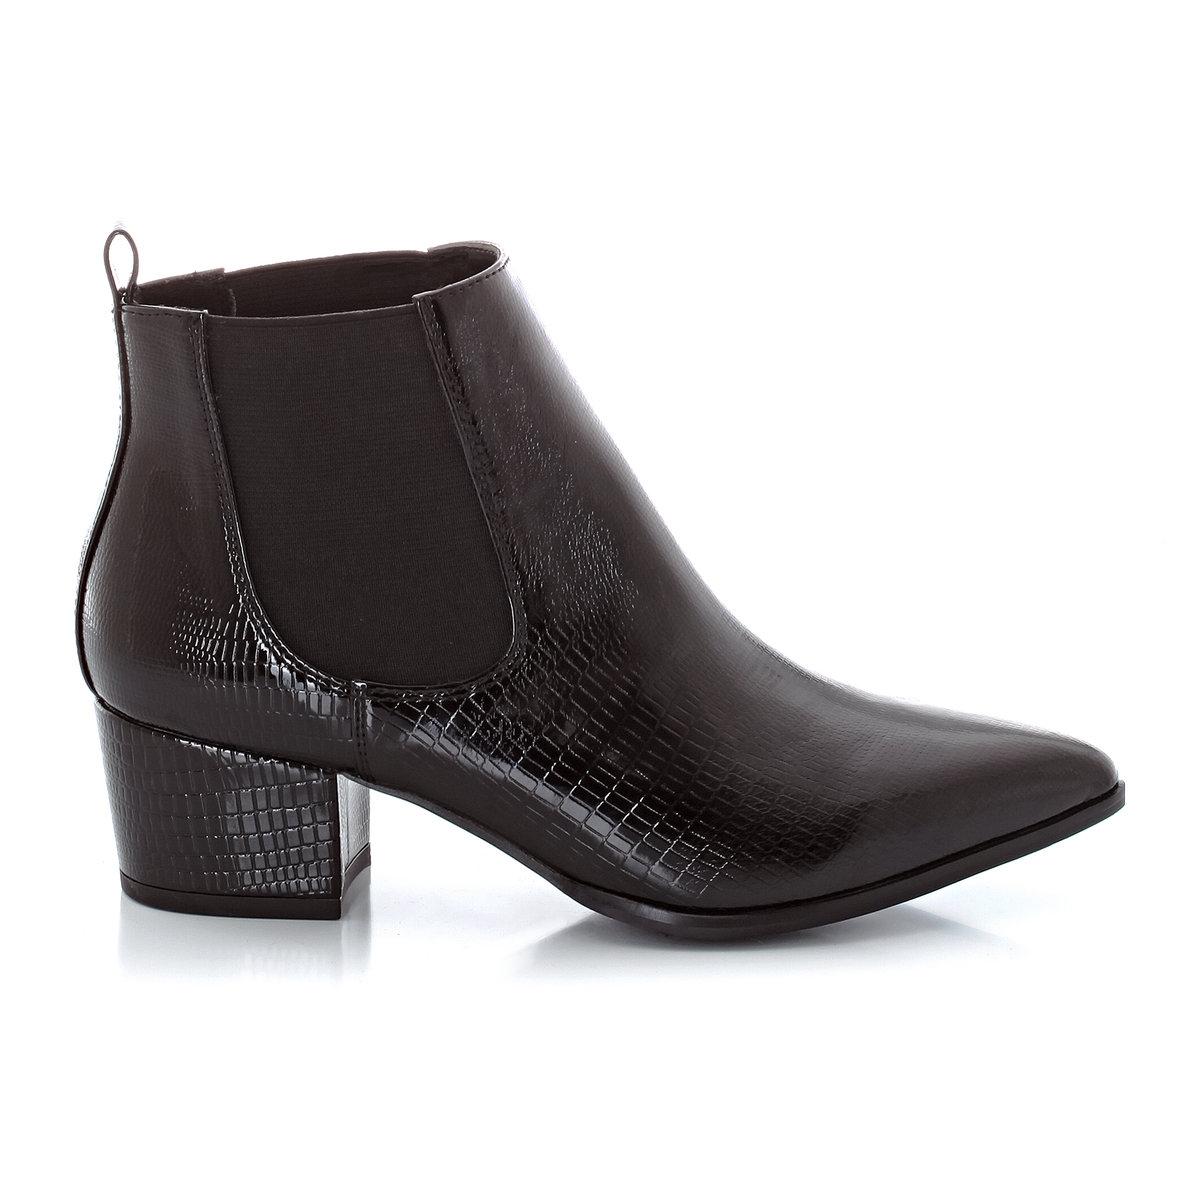 БотильоныВерх : синтетикаПодкладка : синтетикаСтелька : кожаПодошва : эластомерВысота каблука : 5 см Совет : Заказывайте на размер больше вашего обычного размера.<br><br>Цвет: черный<br>Размер: 38